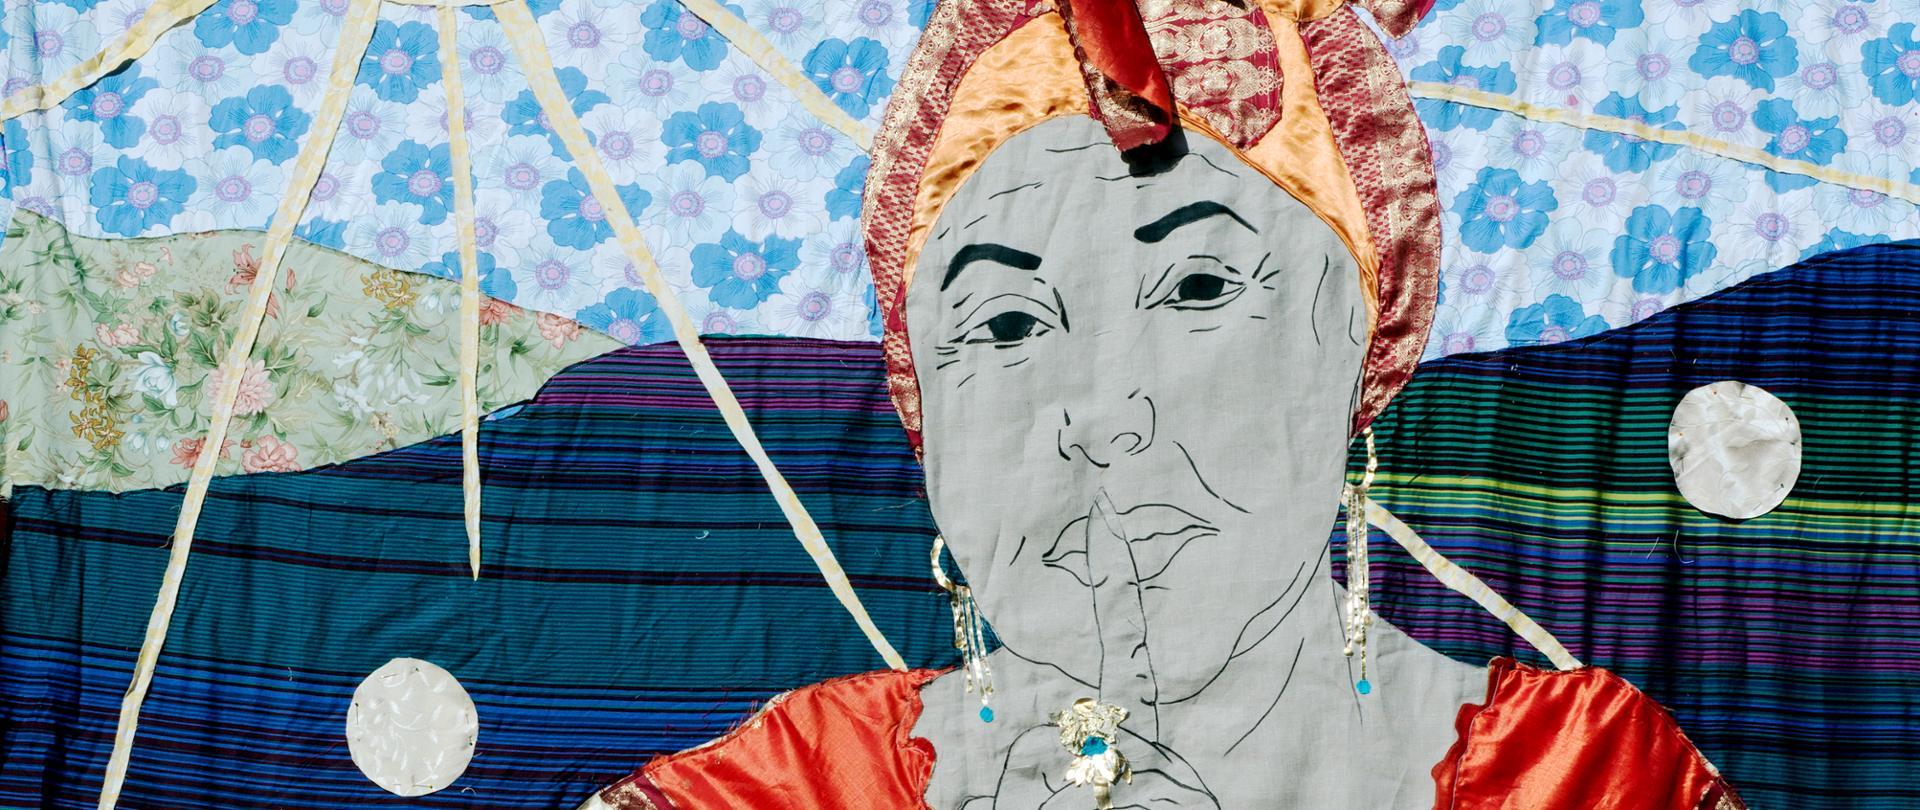 Małgorzata Mirga-Tas, Esma Redźepova / Herstories, patchwork, 2021, fragment projektu konkursowego do Pawilonu Polskiego na Biennale Sztuki 2022